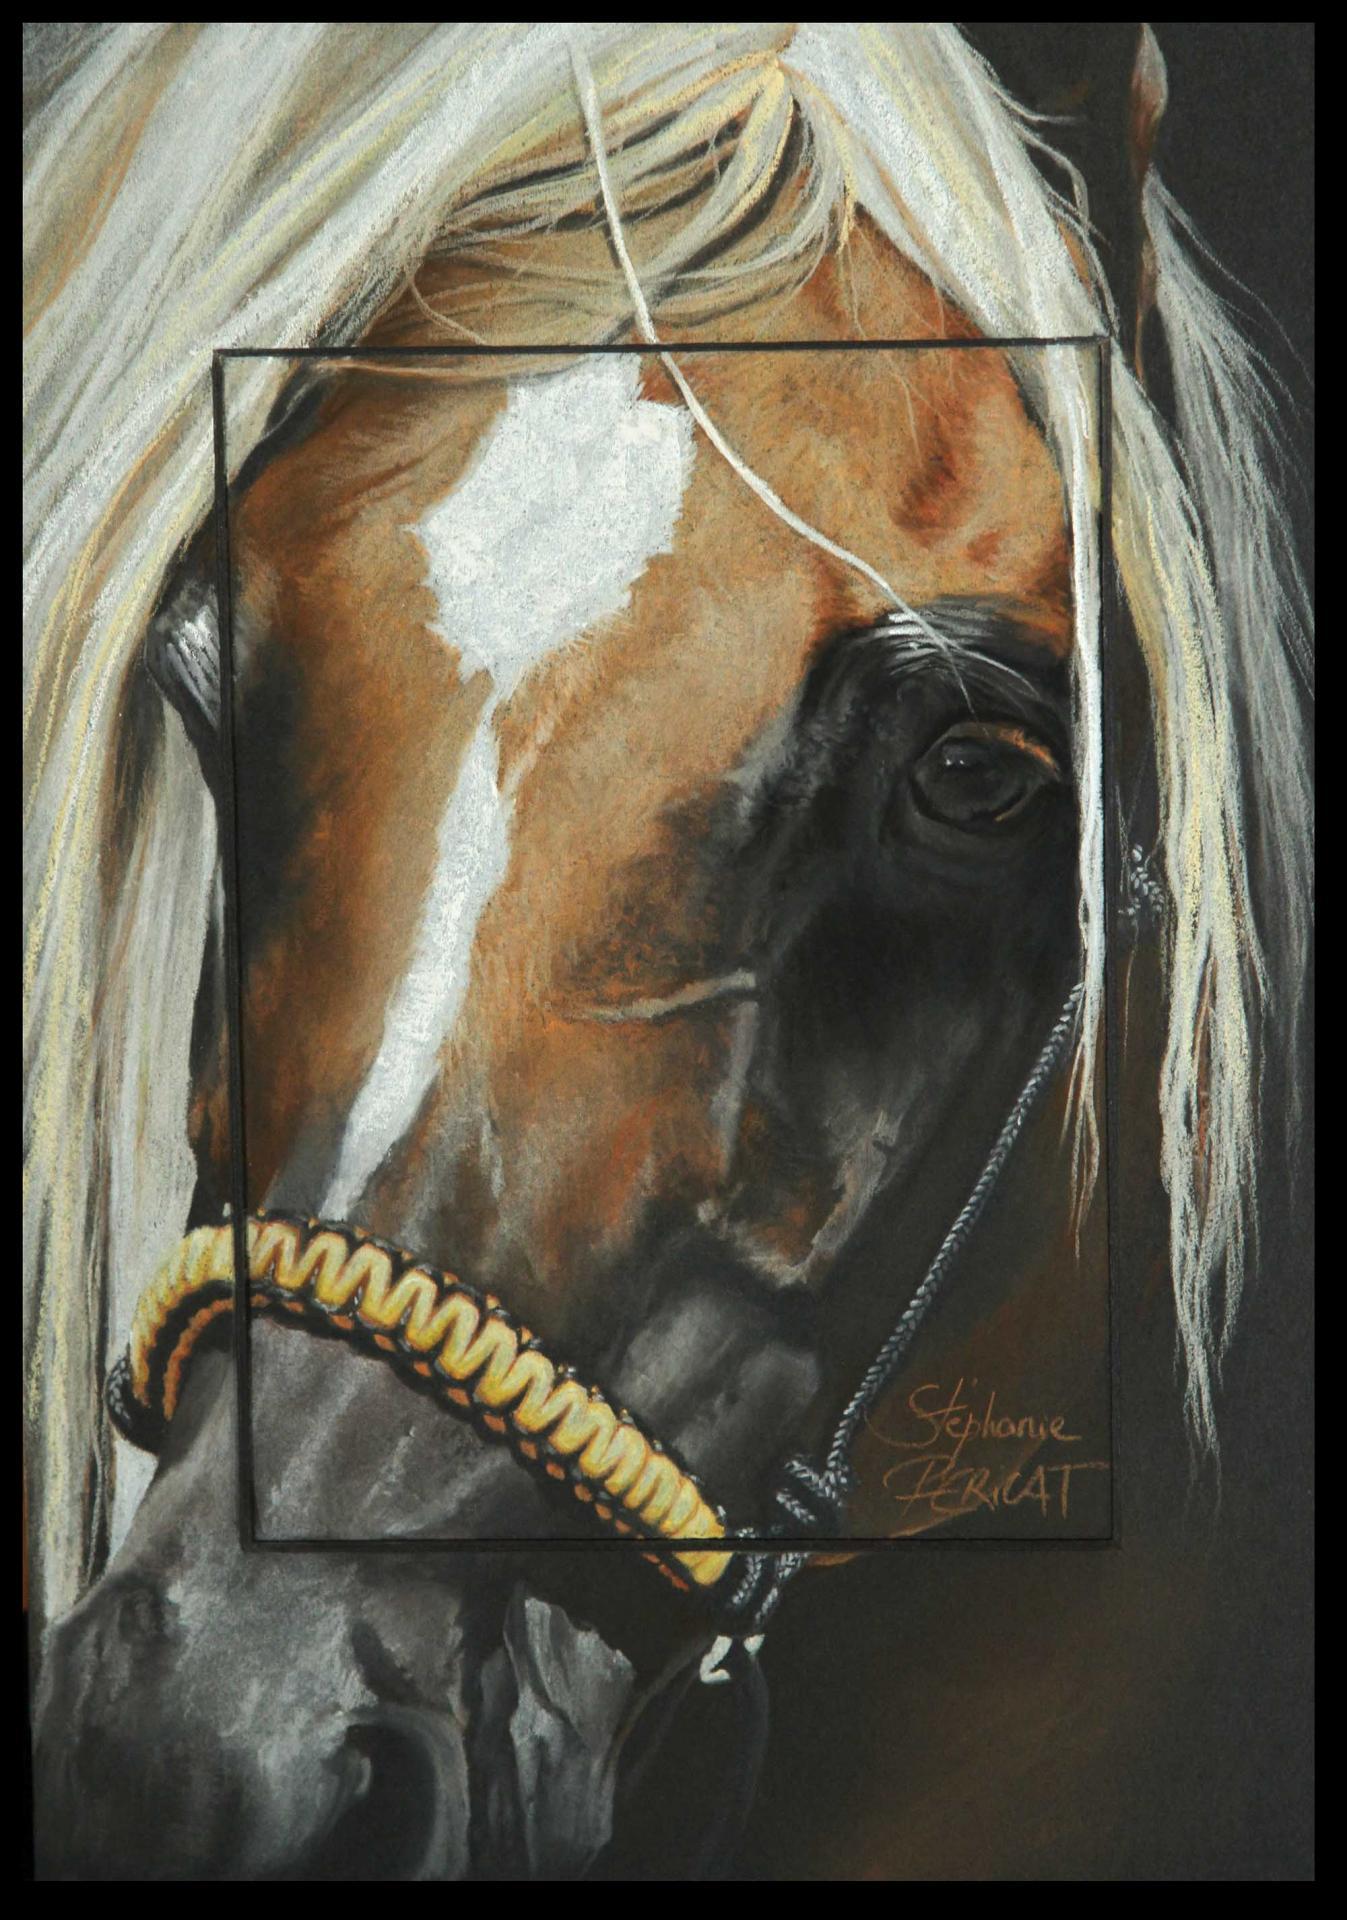 Ayn KHAIRA REJ (eye of khaira rej) - pastel sec (soft pastel) - 20x30cm - AV for sale